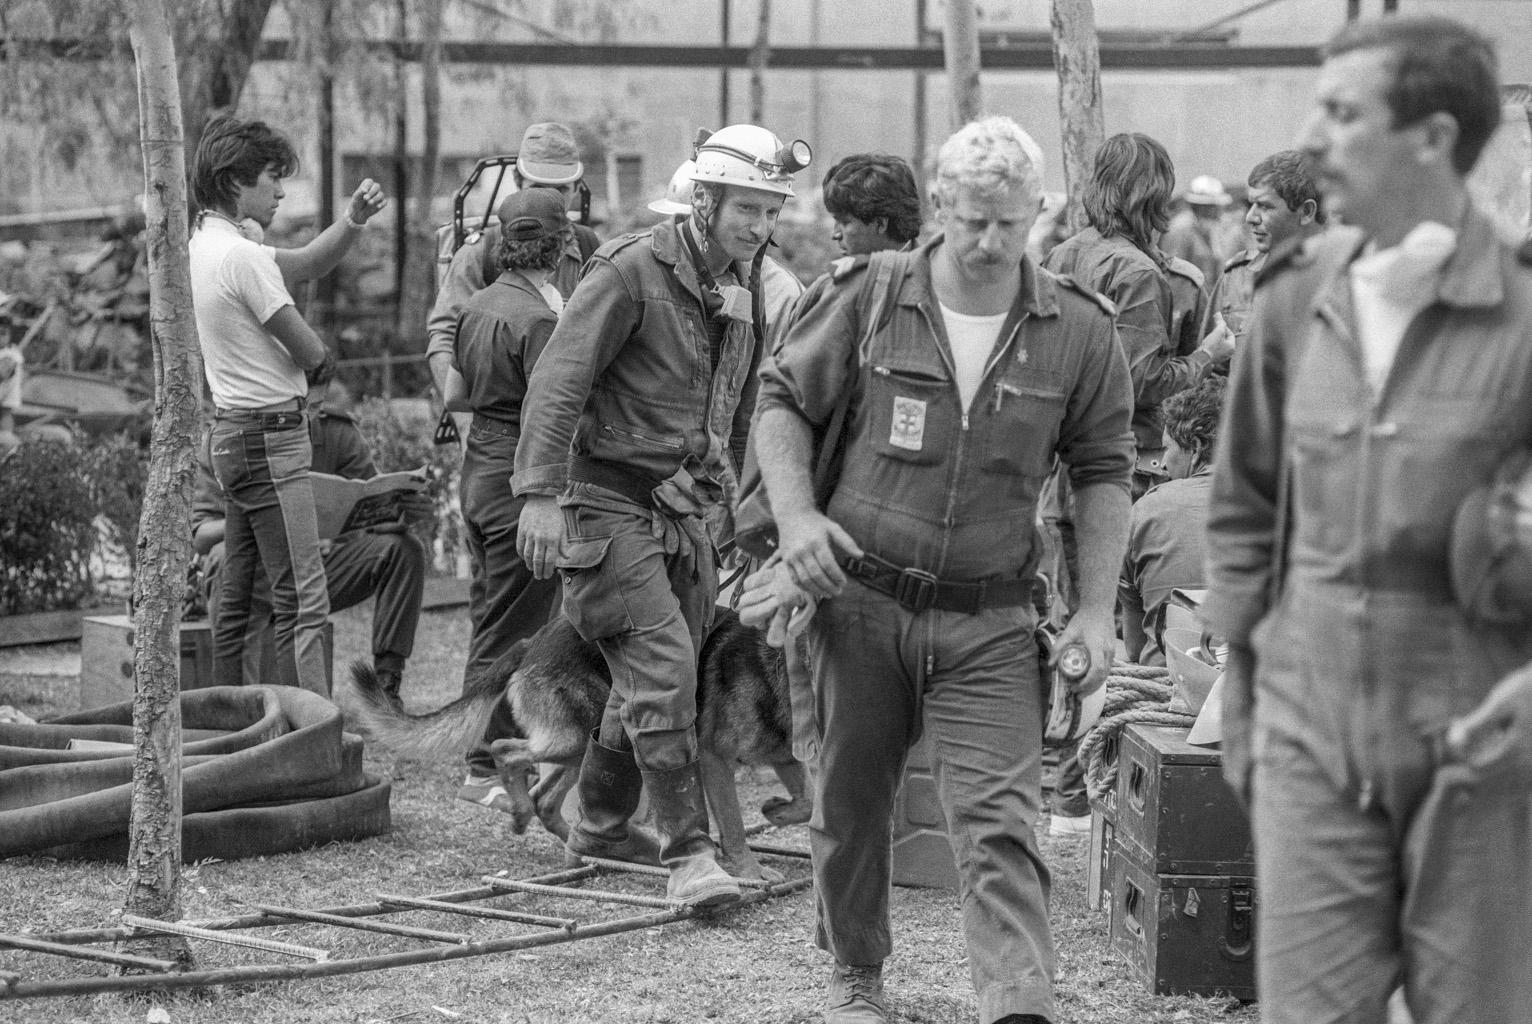 Israeli rescuers